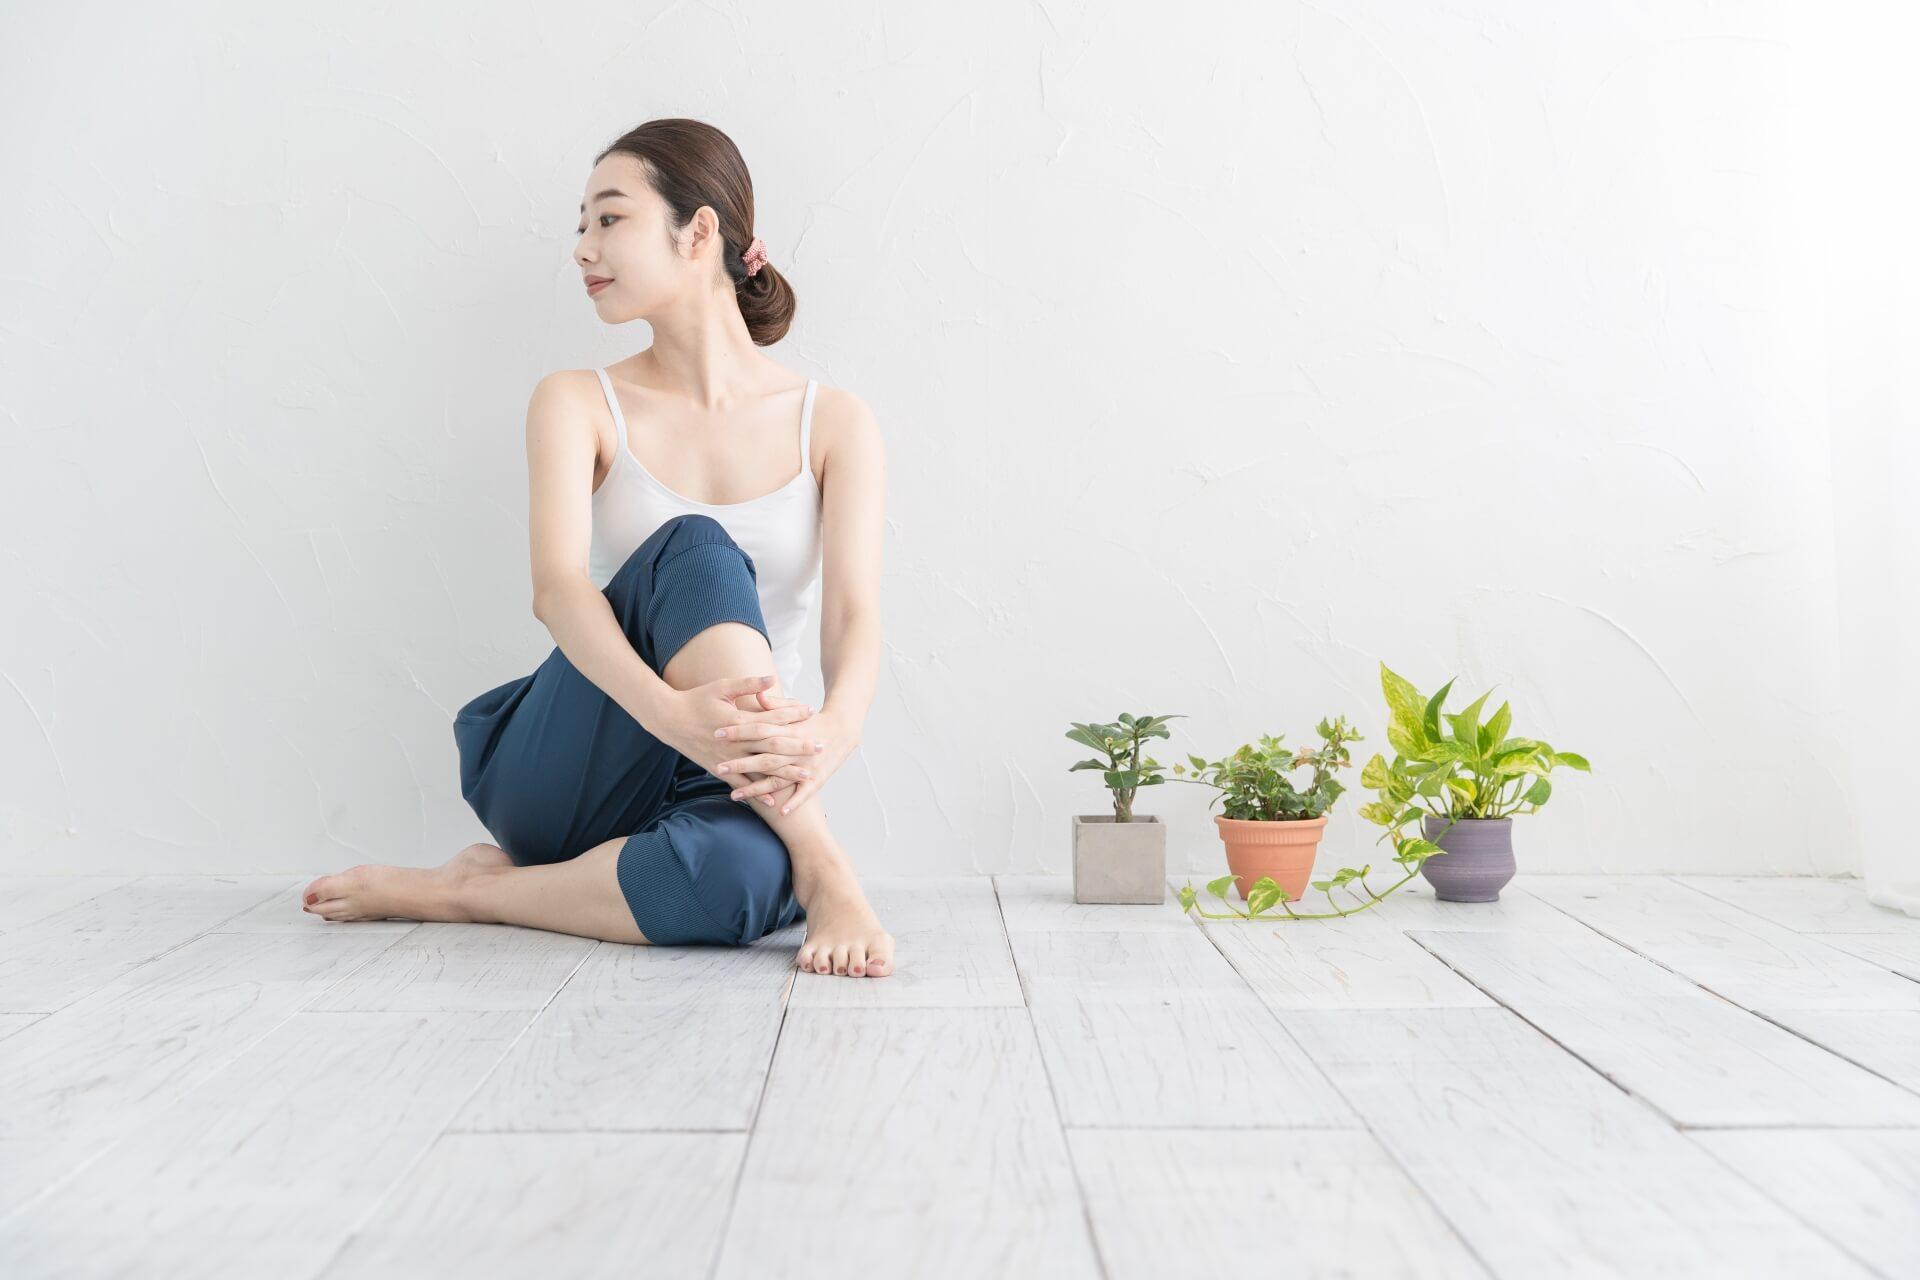 簡単にできる姿勢矯正・肩こり改善法